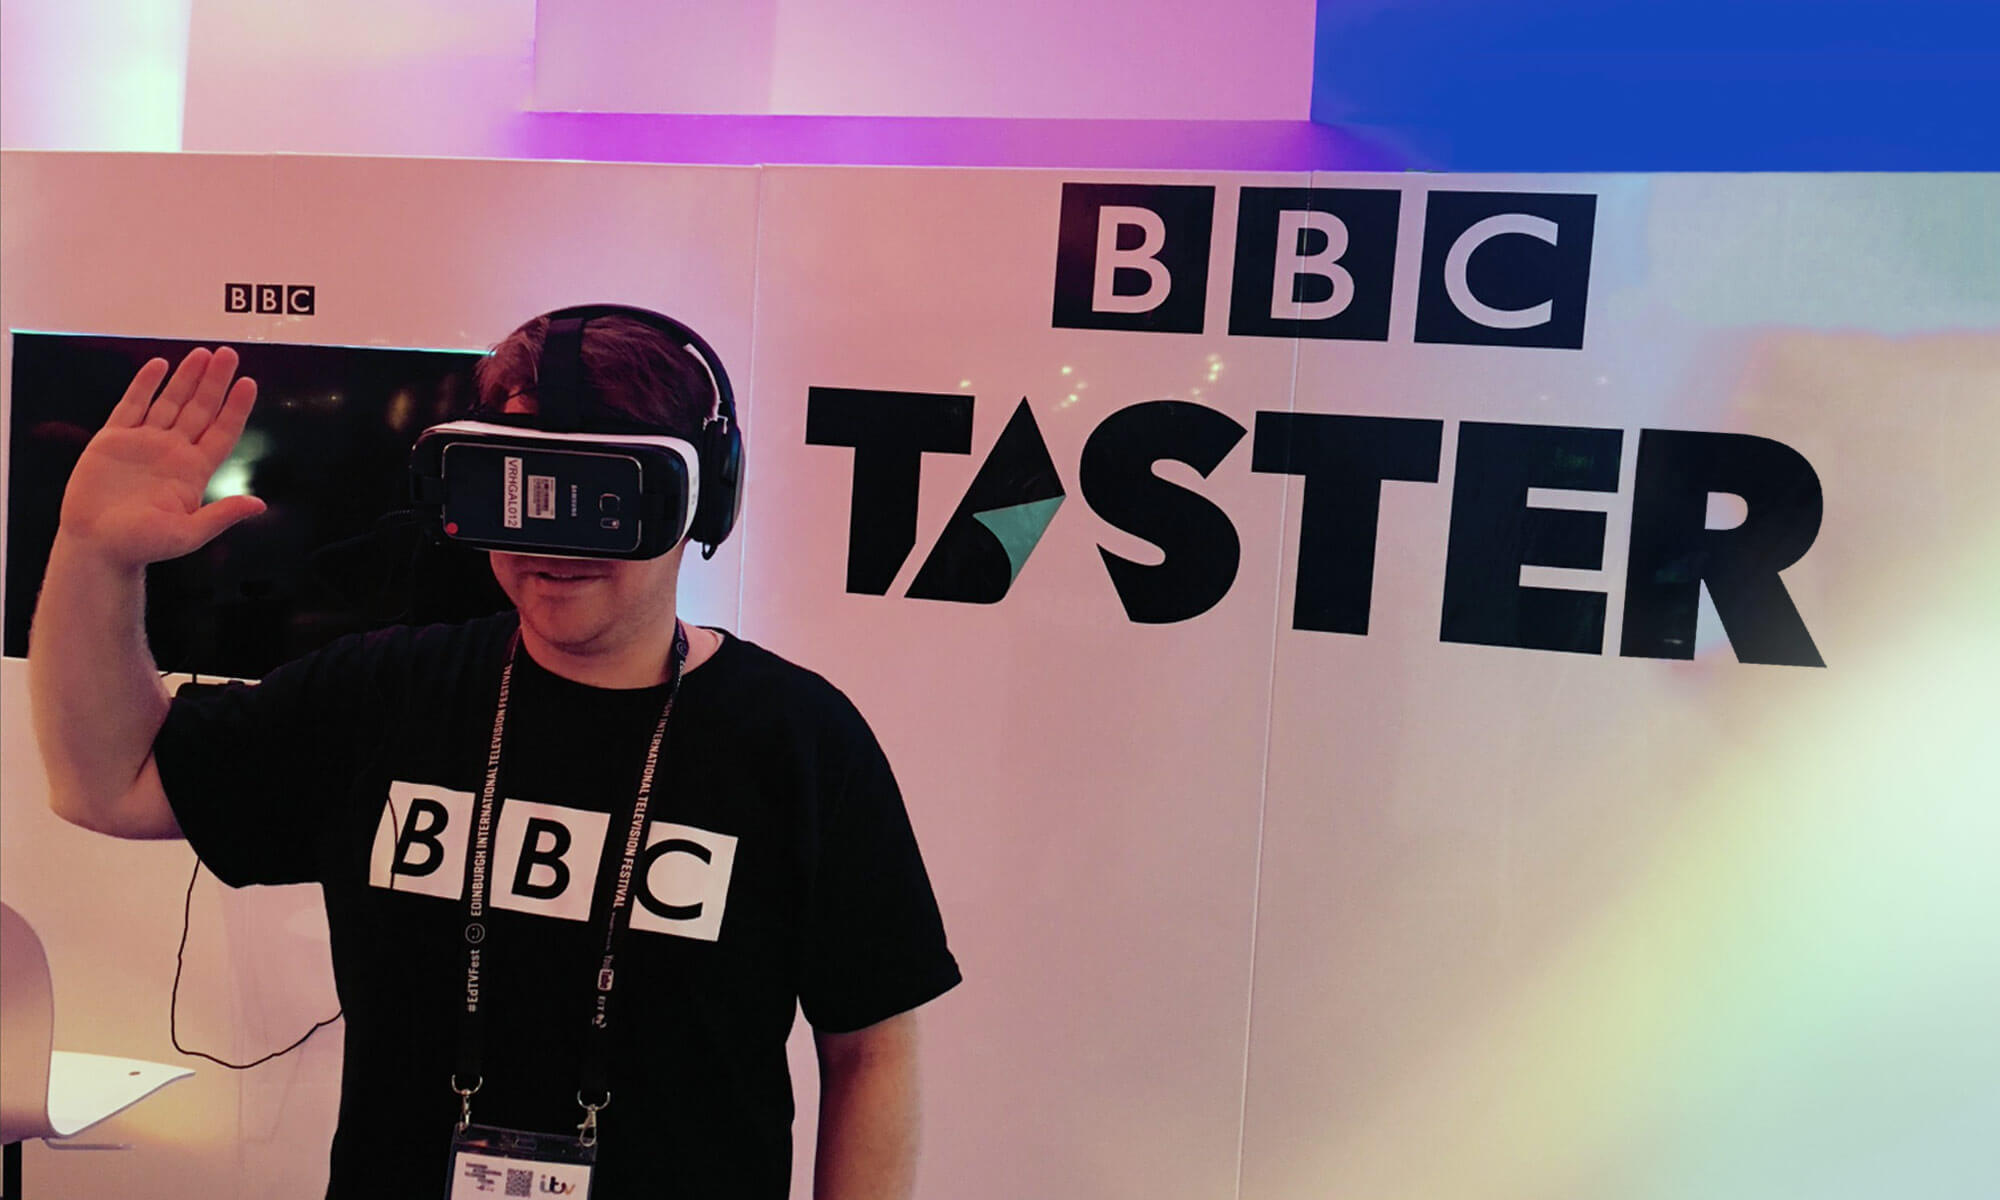 Toch_BBCTaster_VR.jpg